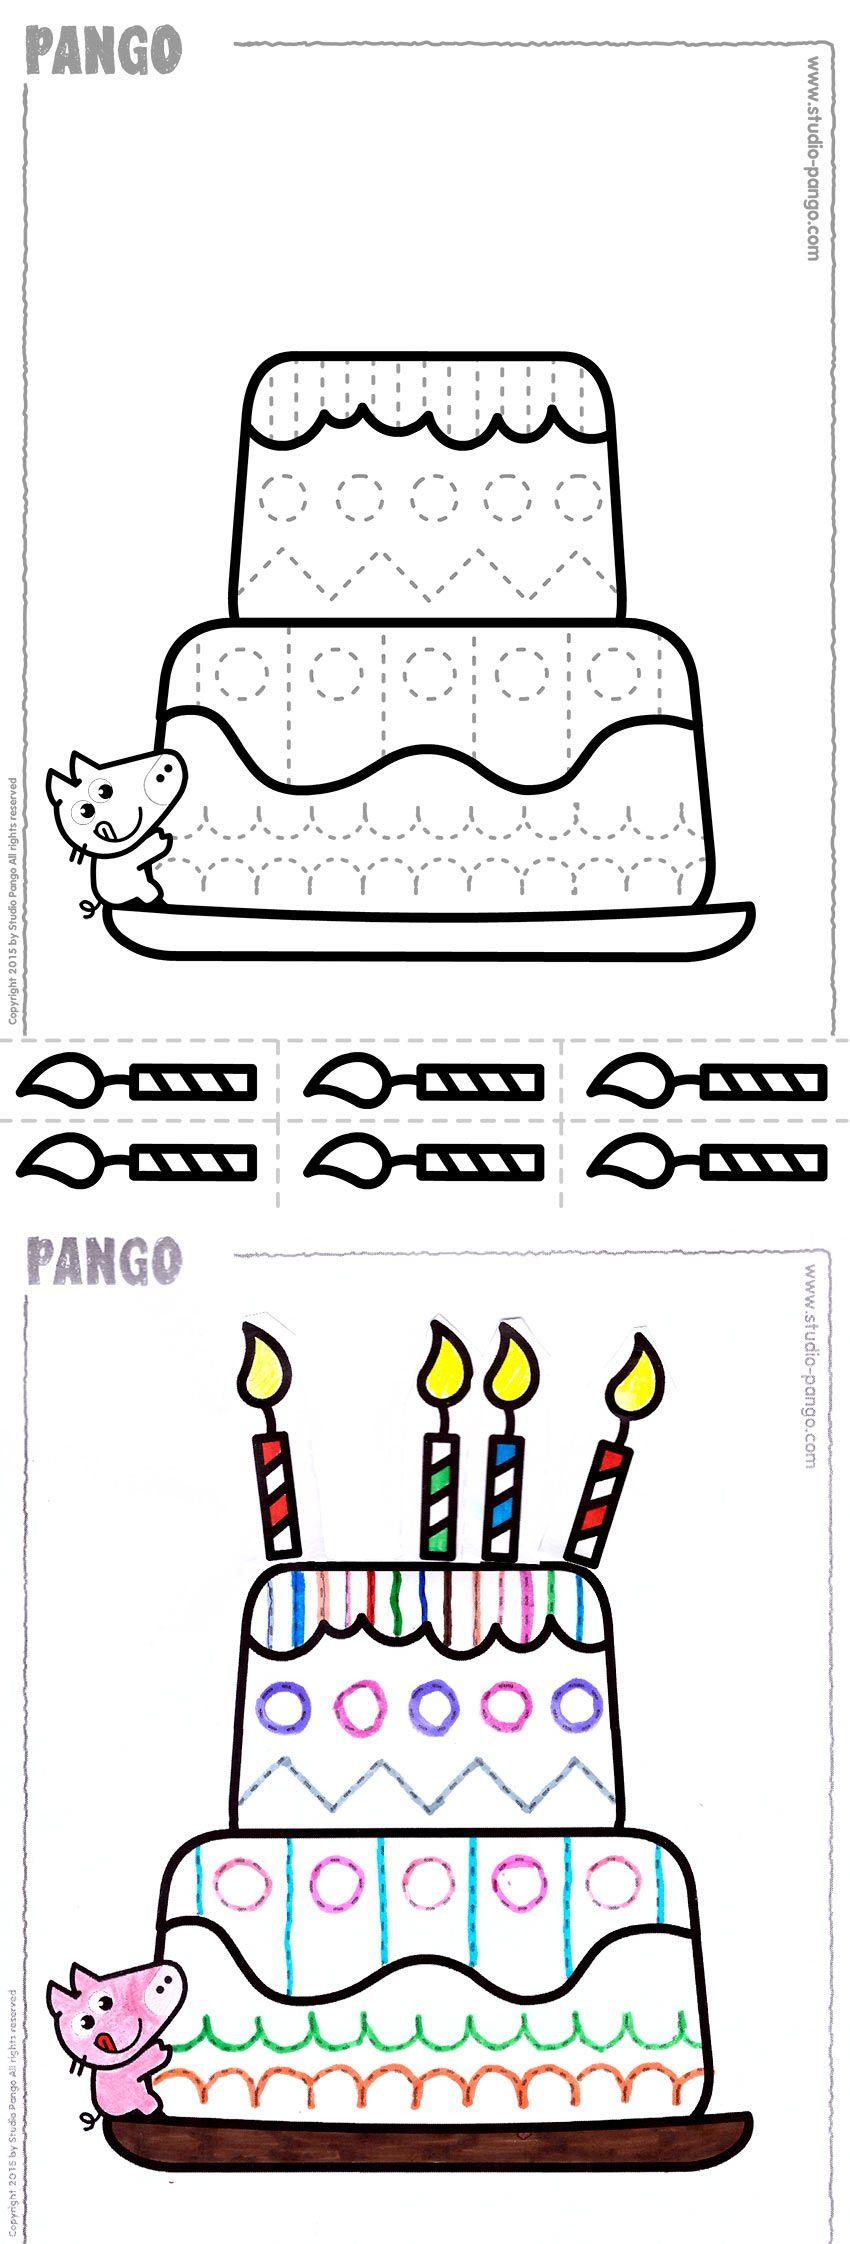 Pin Op Pango Printable Activities For Kids